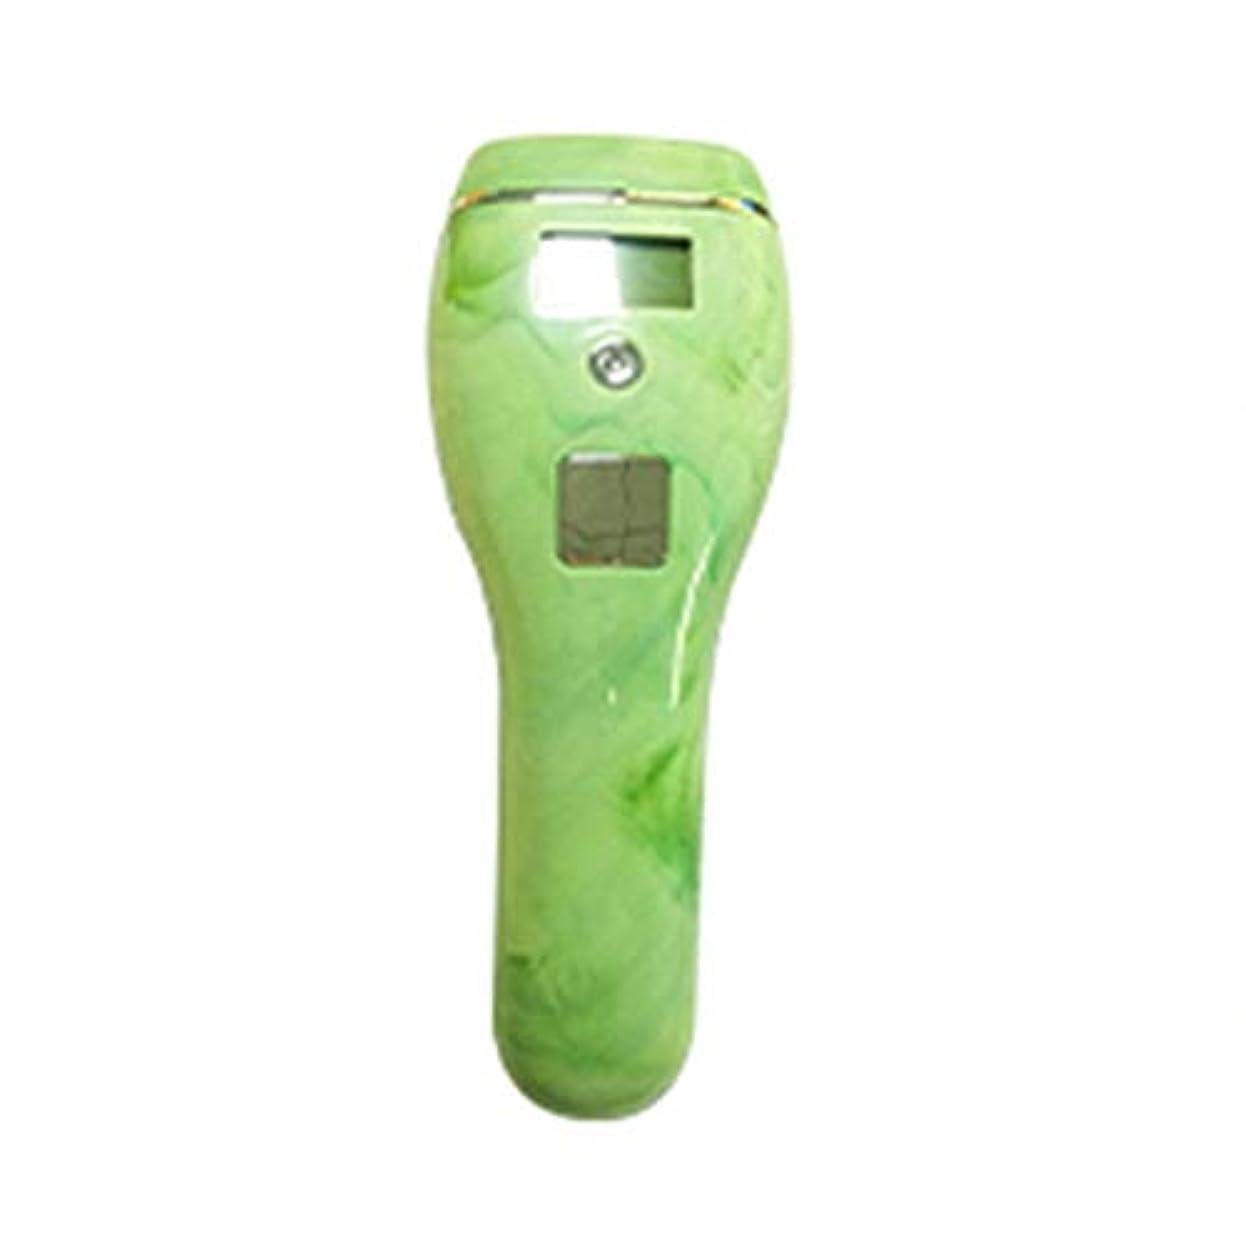 クルー第九する必要があるダパイ 自動肌のカラーセンシング、グリーン、5速調整、クォーツチューブ、携帯用痛みのない全身凍結乾燥用除湿器、サイズ19x7x5cm U546 (Color : Green)